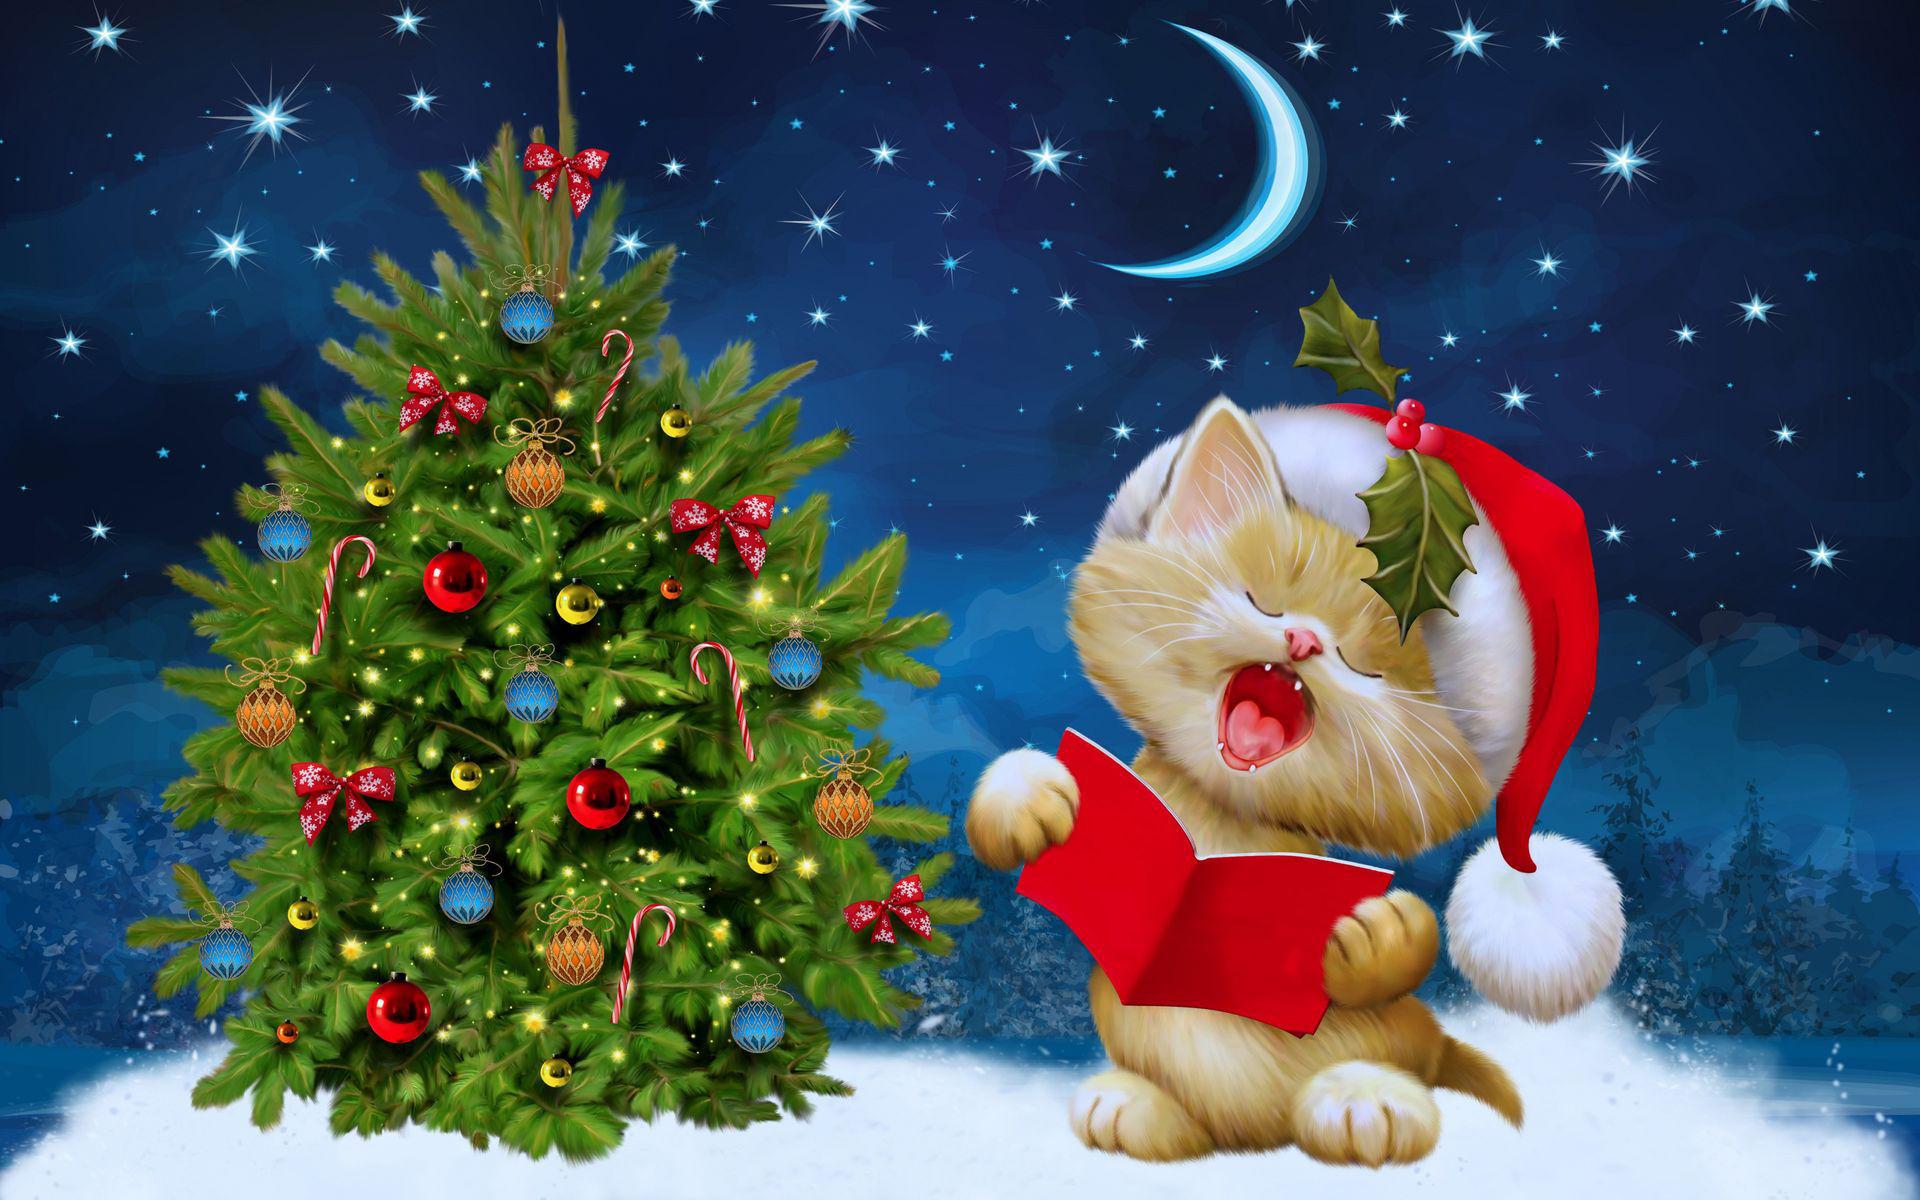 Котёнок поёт у ёлки в новогоднюю ночь